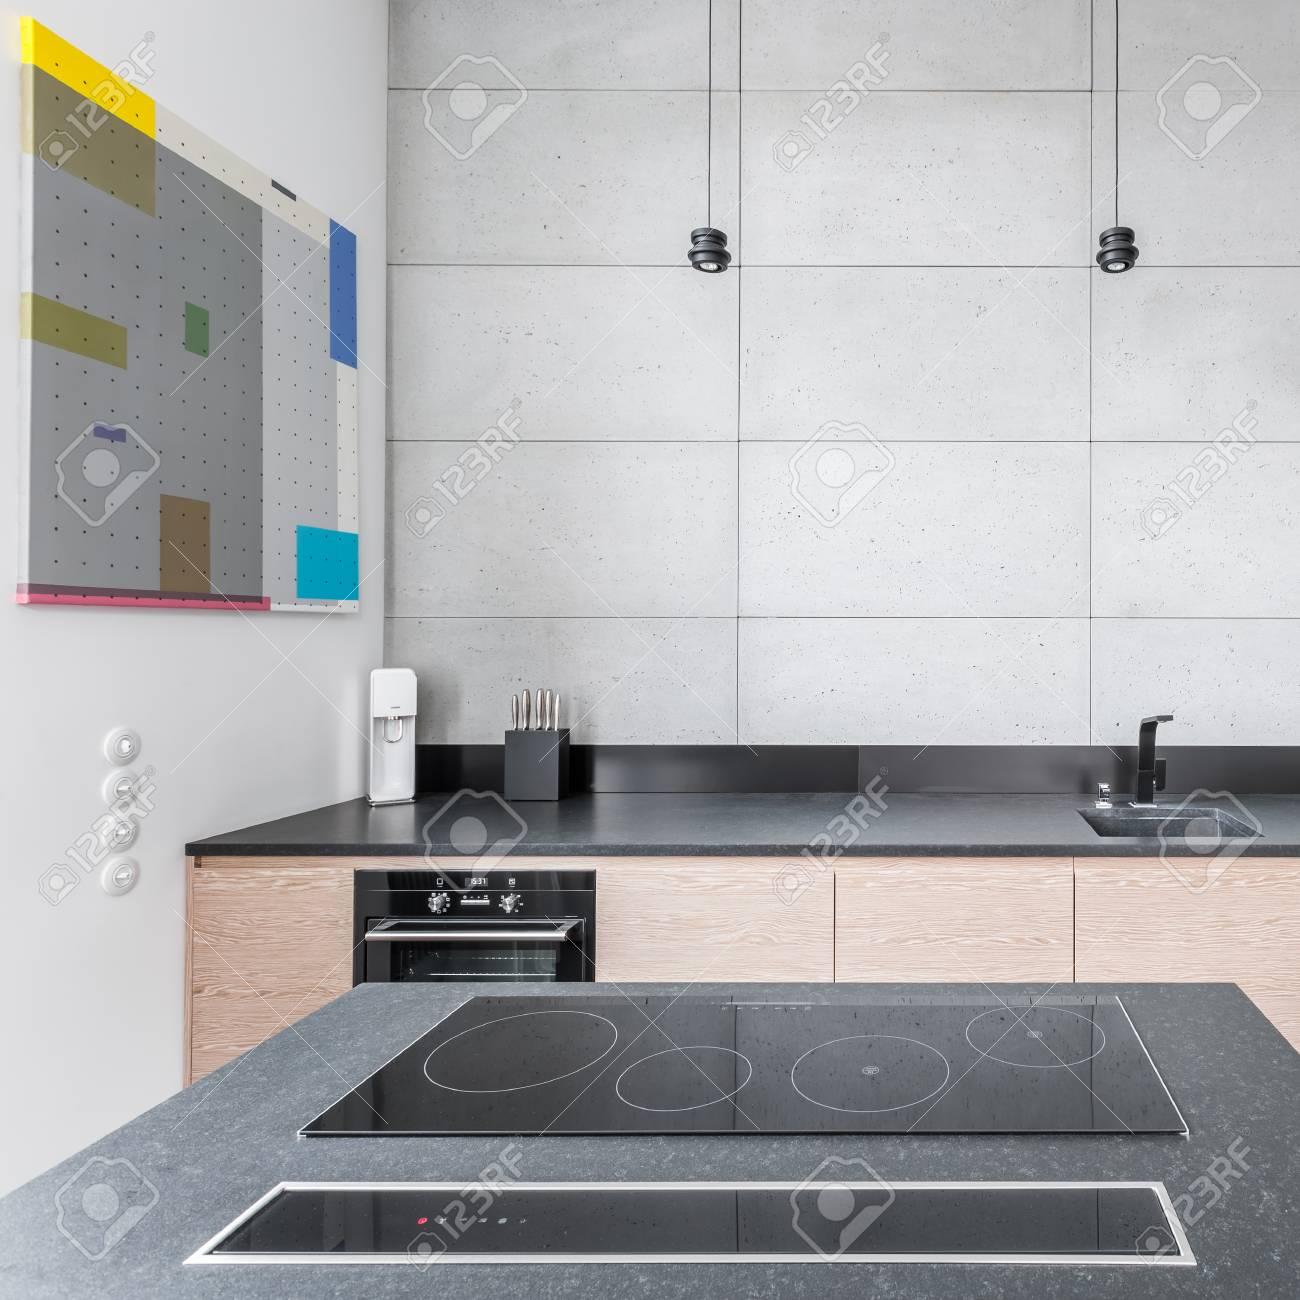 Küche Mit Arbeitsplatte Aus Granit, Tisch Und Grauen Fliesen ...